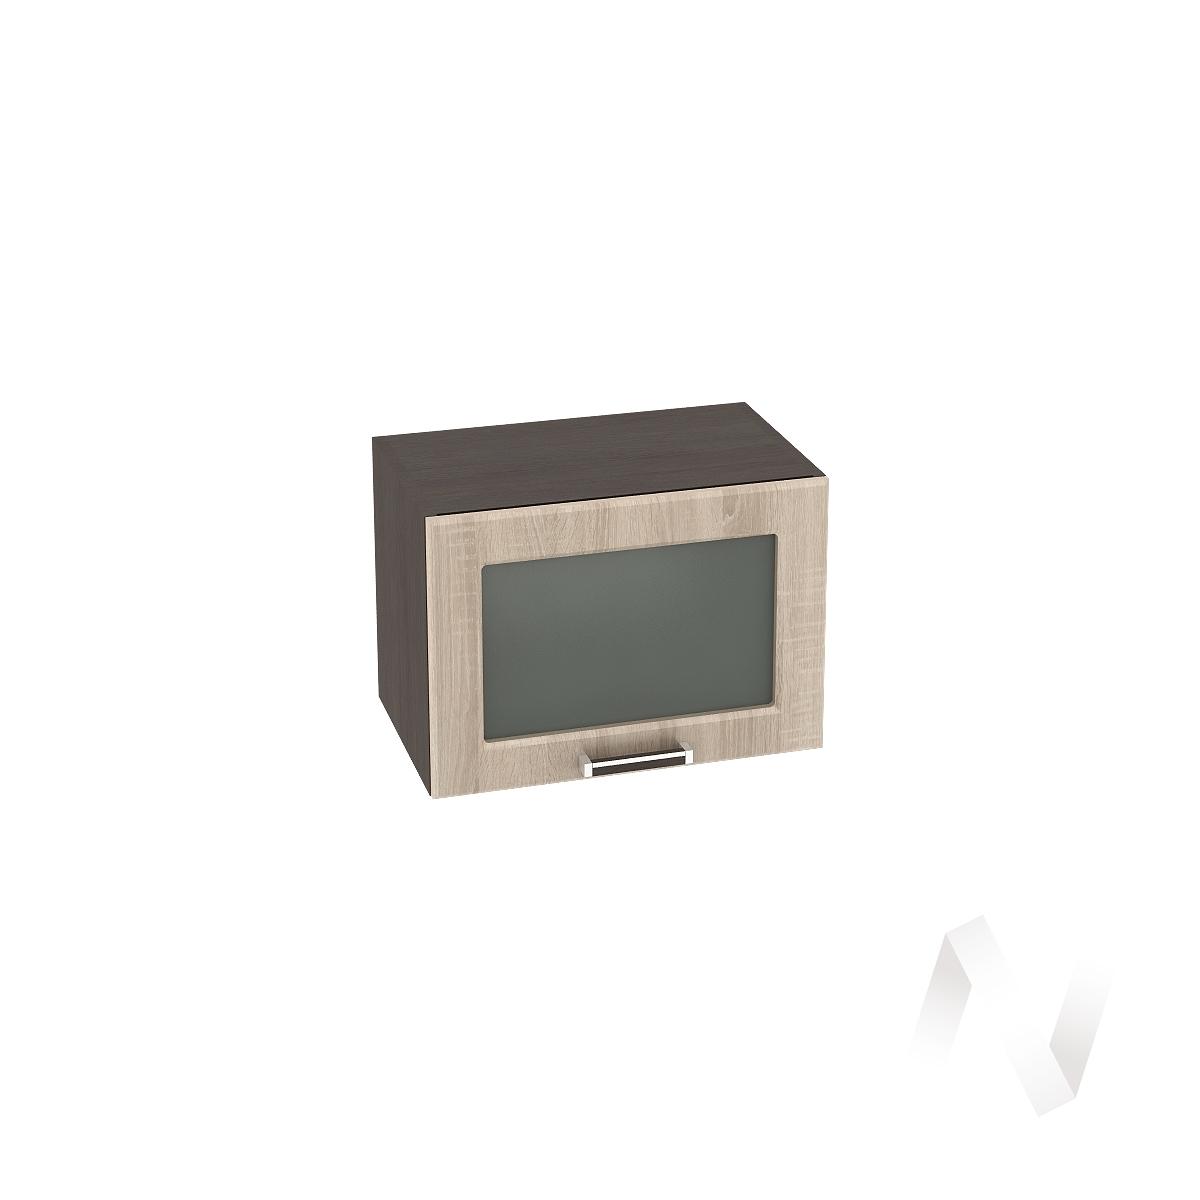 """Кухня """"Прага"""": Шкаф верхний горизонтальный со стеклом 500, ШВГС 500 (дуб сонома/корпус венге)"""